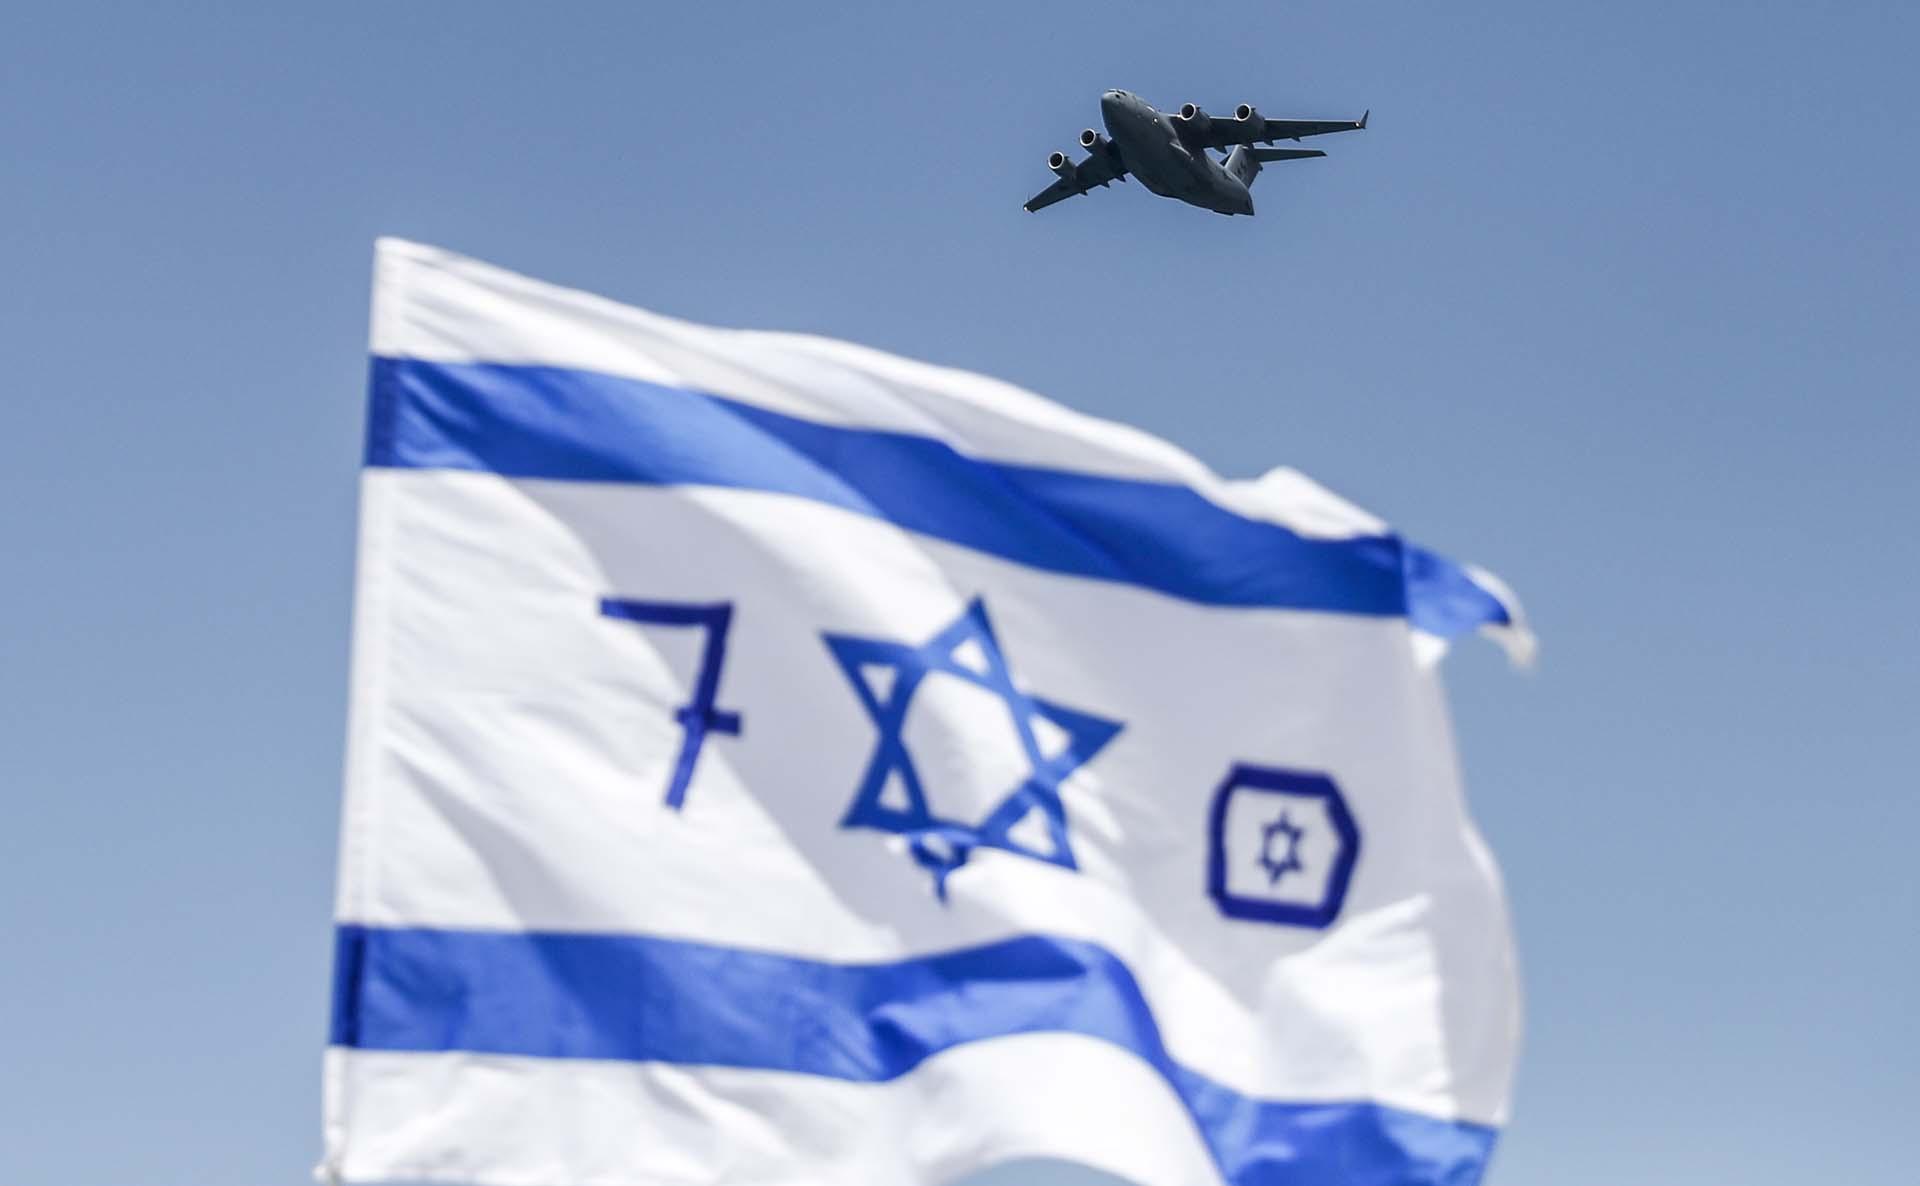 Un avión militar C-17 Globemaster III sobrevuela Israel durante un espectáculo aéreo en Tel Aviv (AFP)